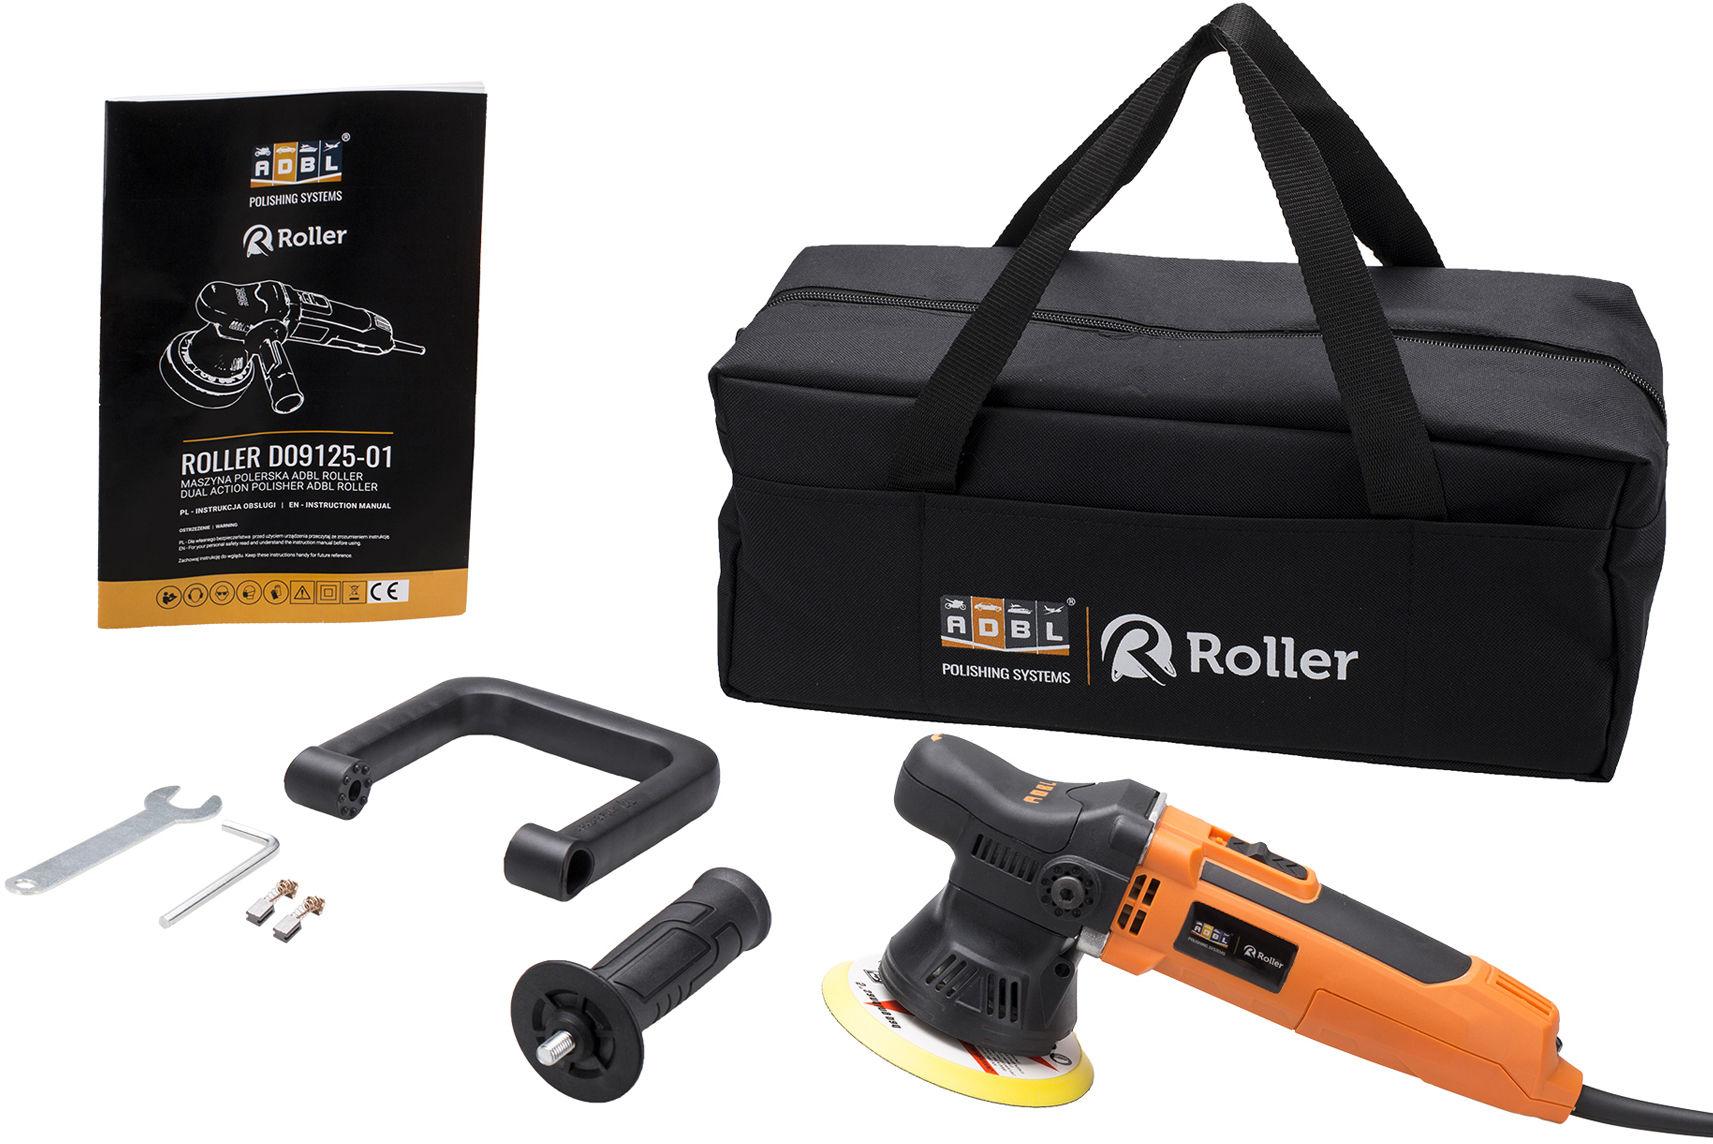 ADBL Roller Maszyna polerska + torba 9mm Polerka DA09125-01